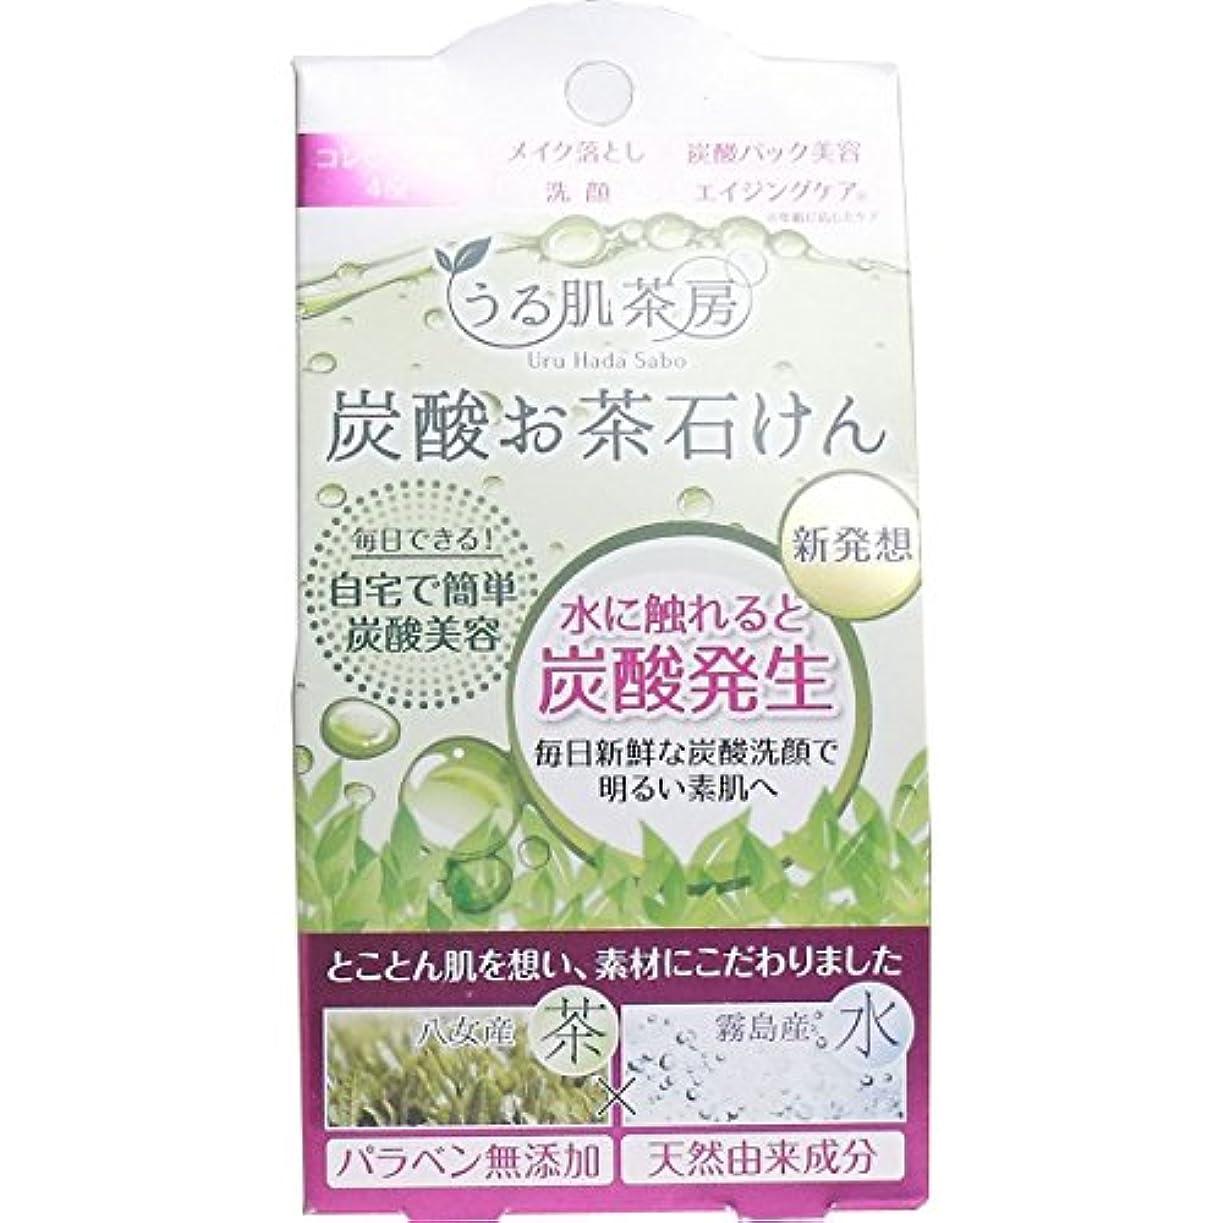 論争的マウントボスうる肌茶房 炭酸お茶石鹸 (スパークリングソープ)